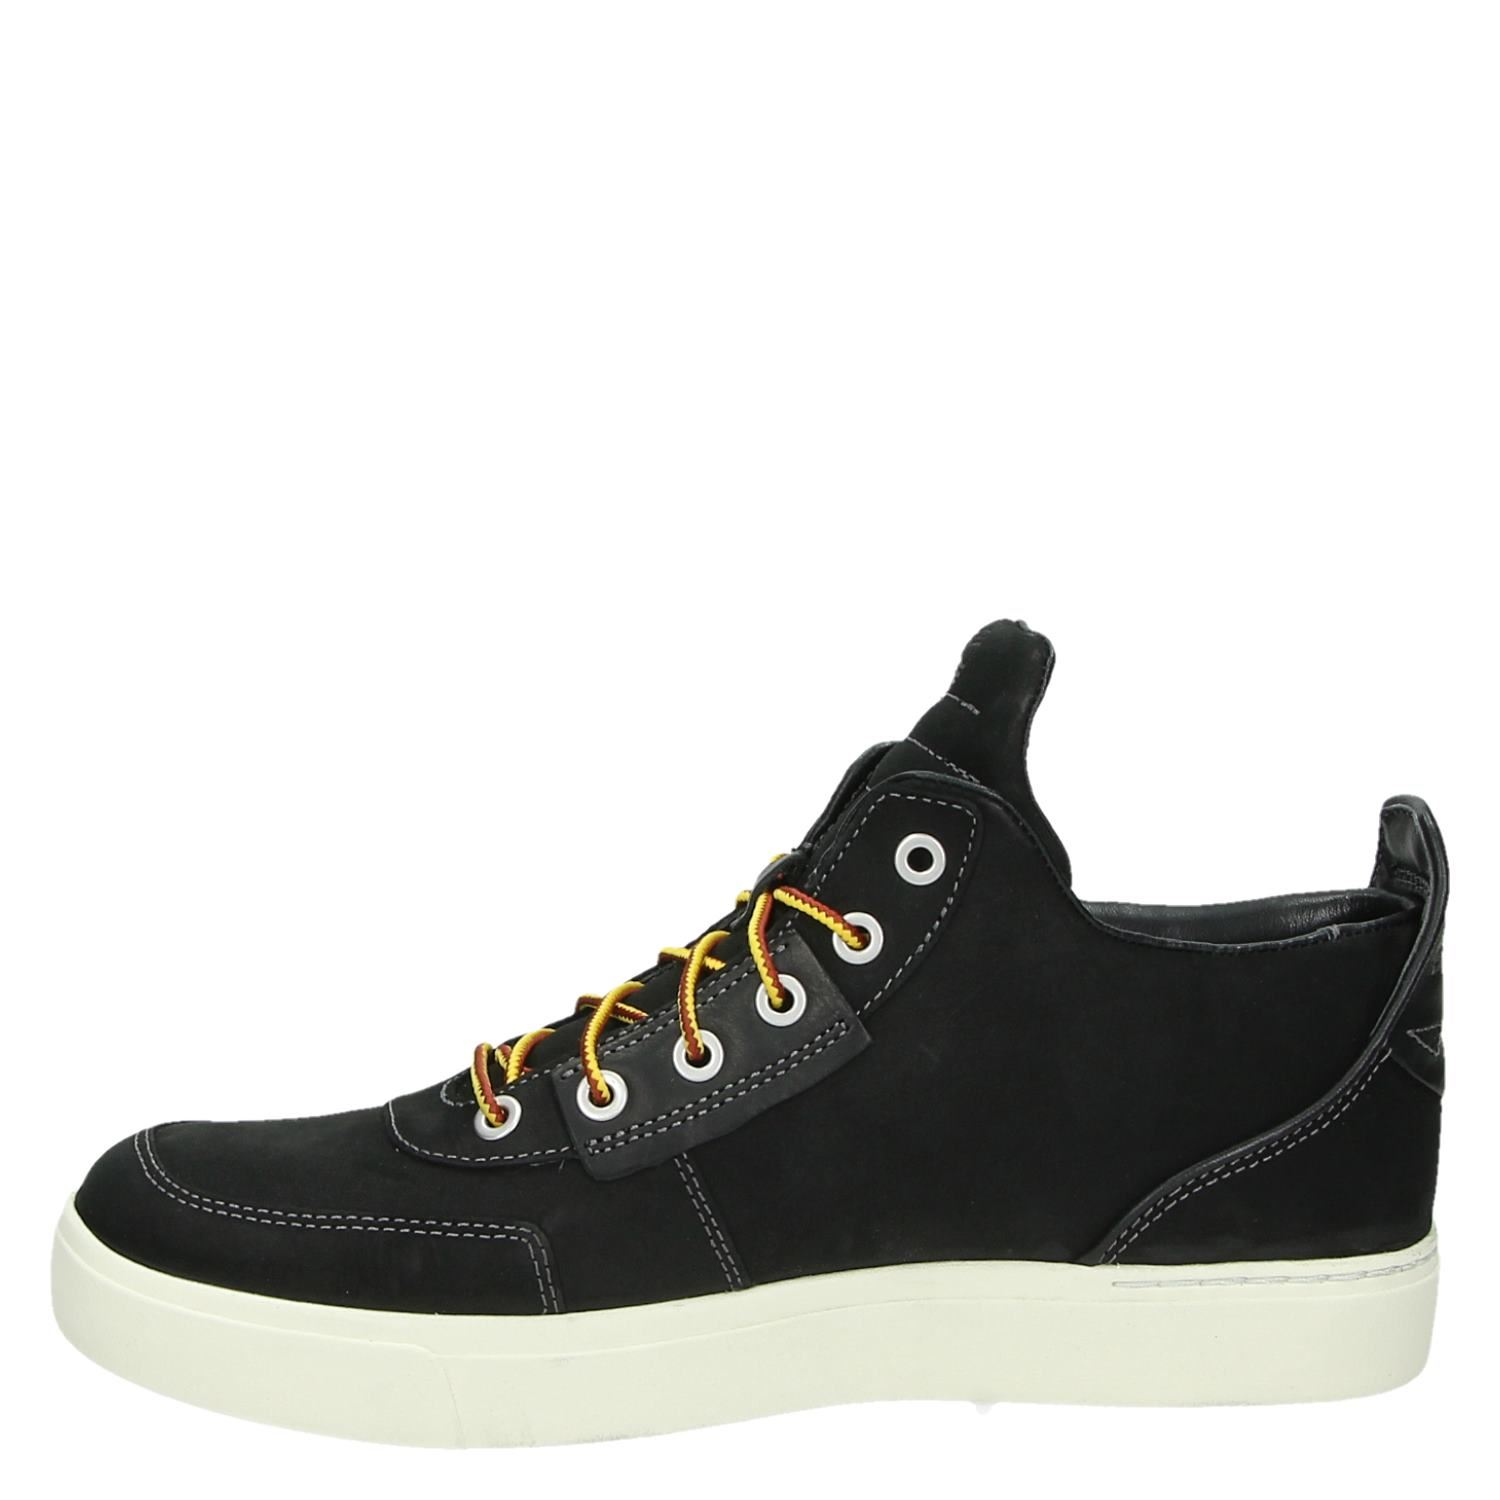 Timberland Amherst Élevée Aux Hautes Chaussures Noires gg8dt